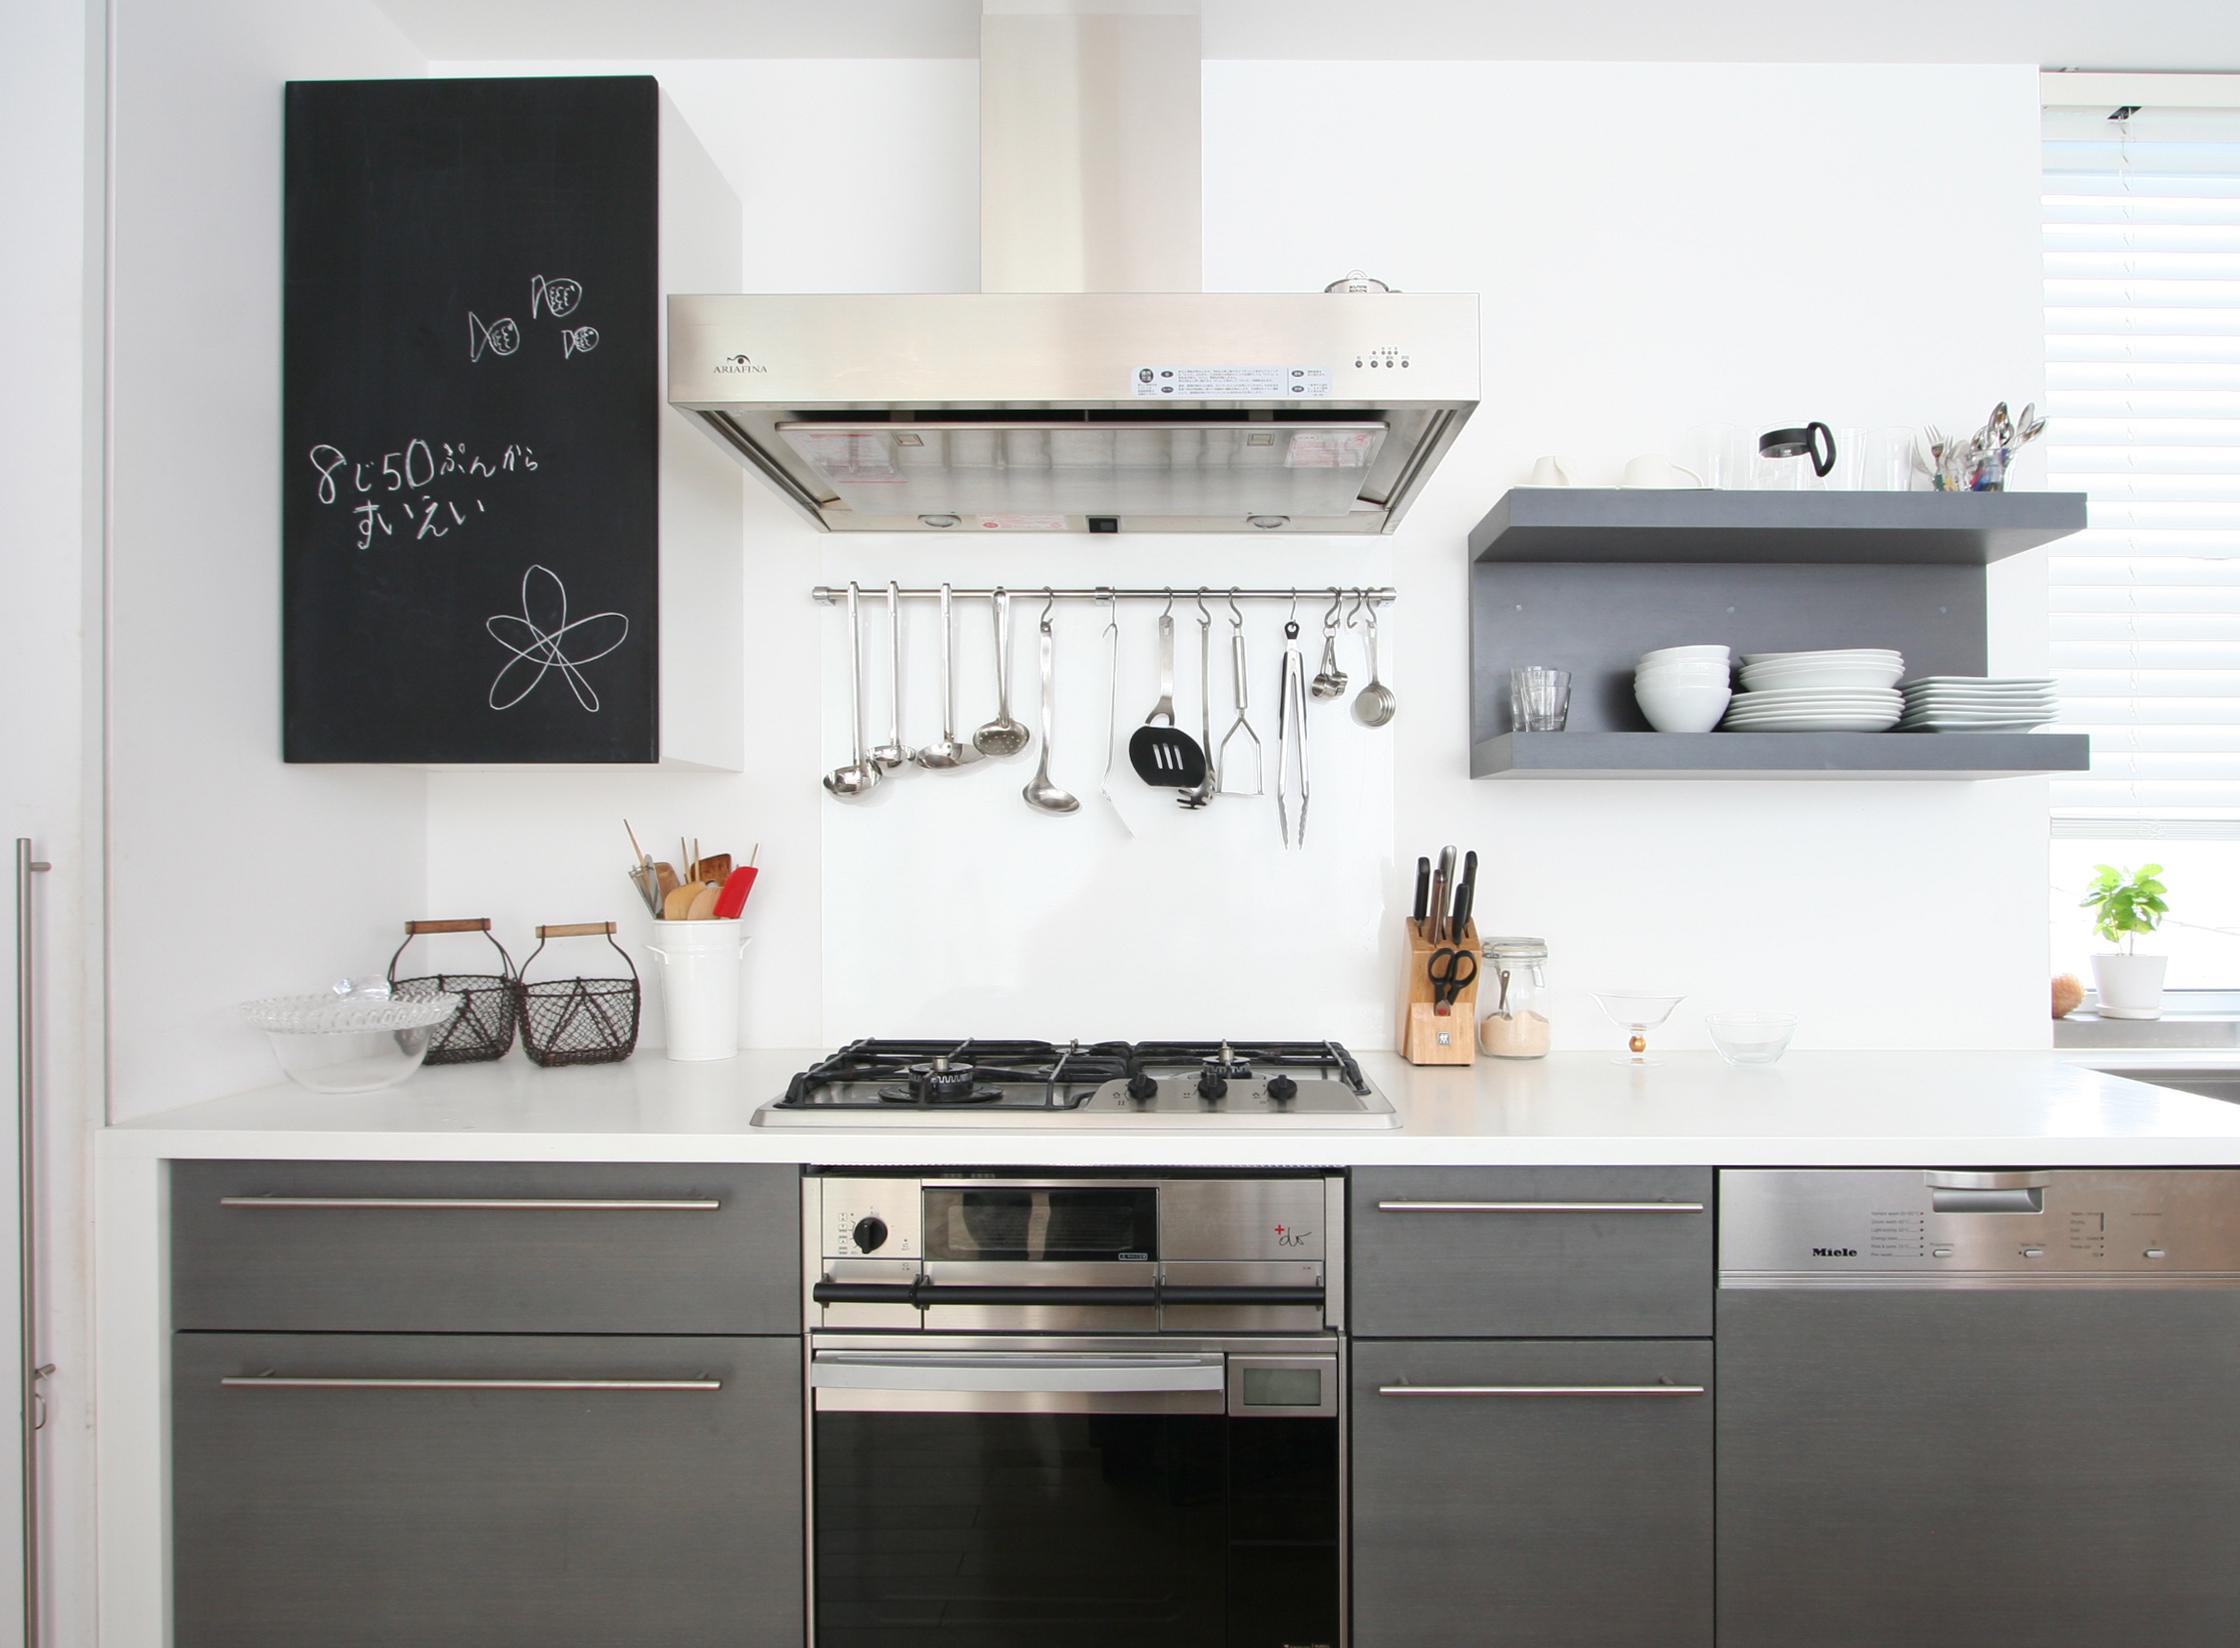 キッチン2 IMG_2952CUT.jpg